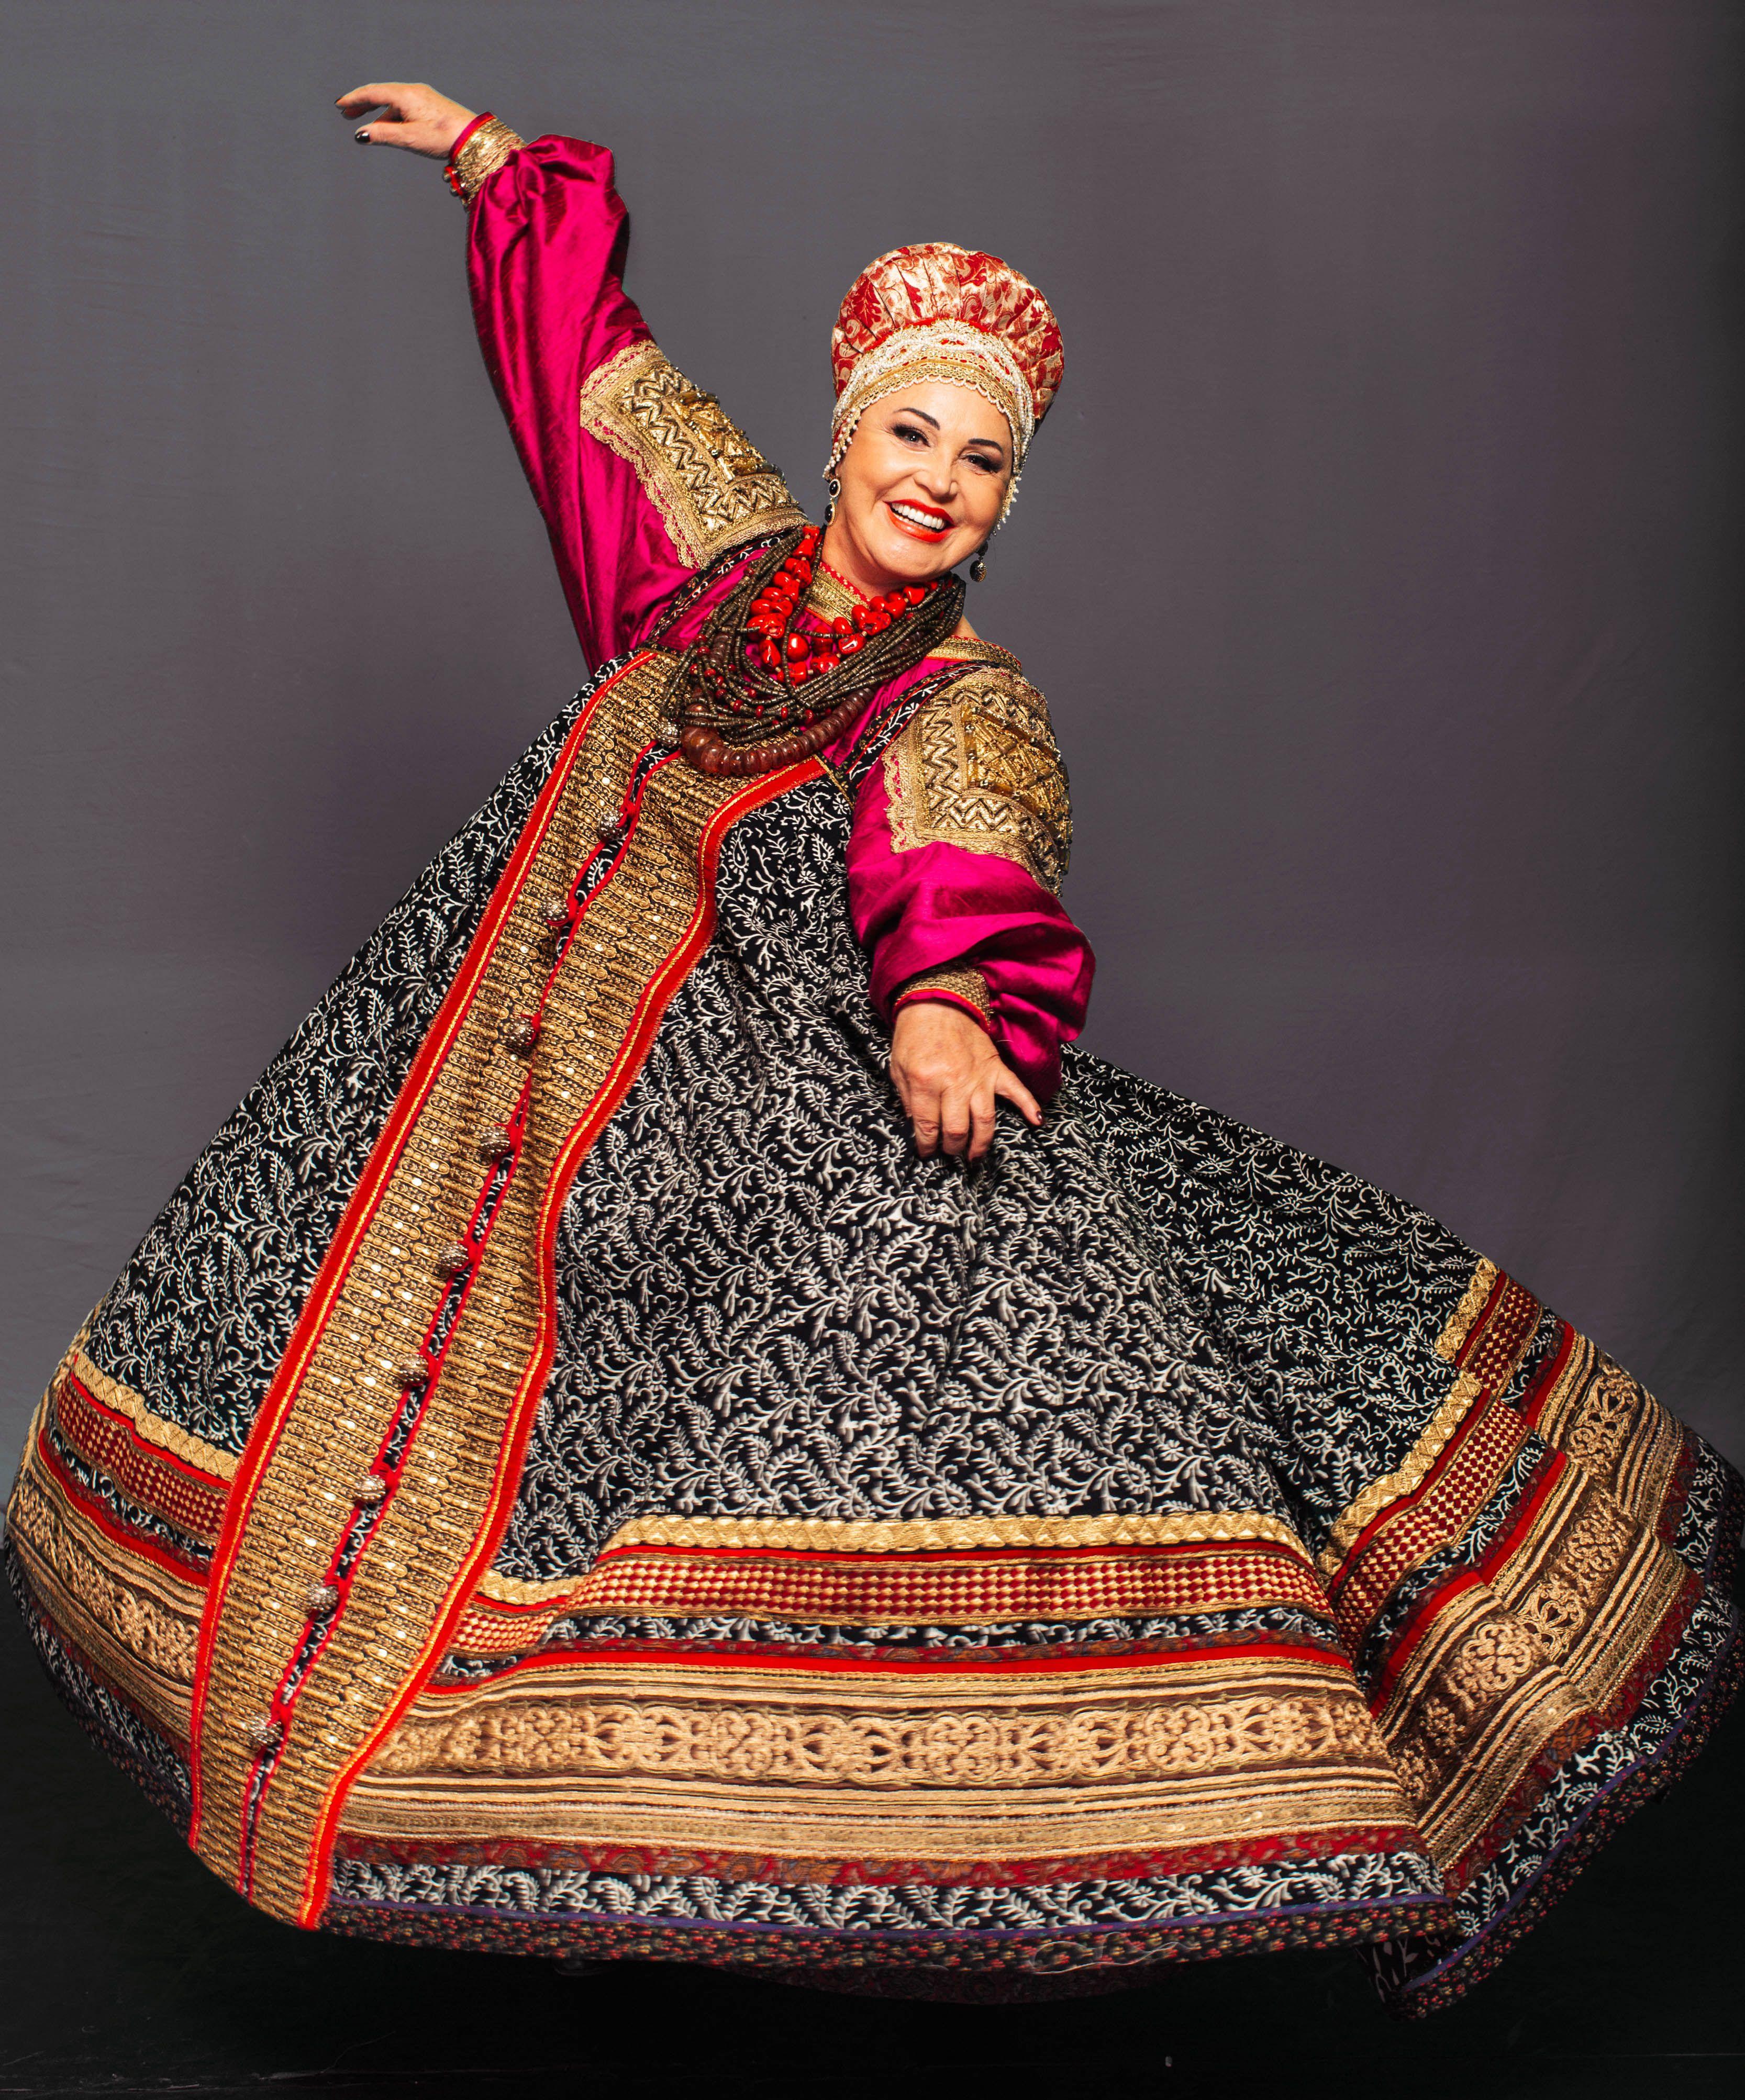 современный русский народный костюм фото это